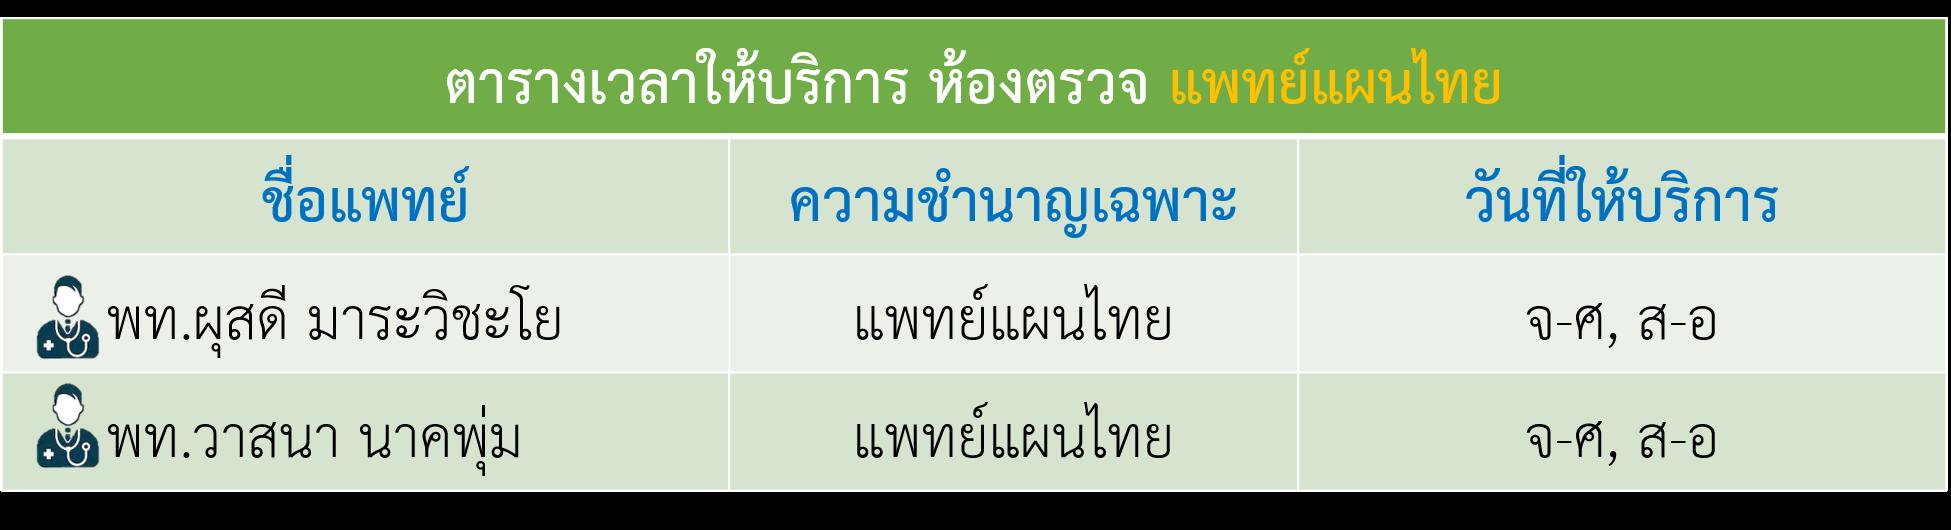 แผนไทย2